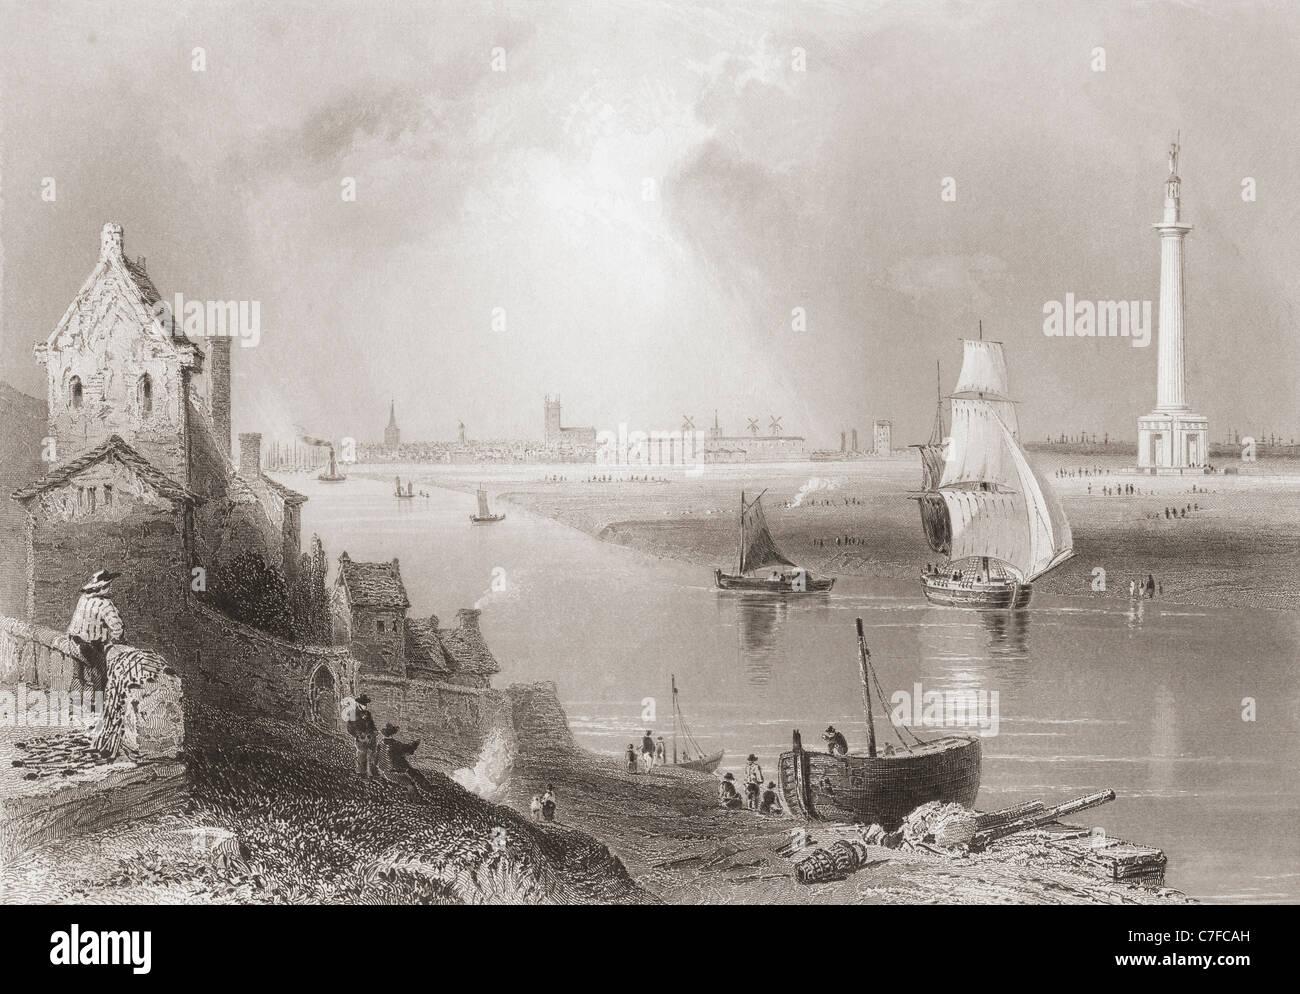 Great Yarmouth, Norfolk, Inghilterra e la Britannia monumento, all'inizio del XIX secolo. Immagini Stock